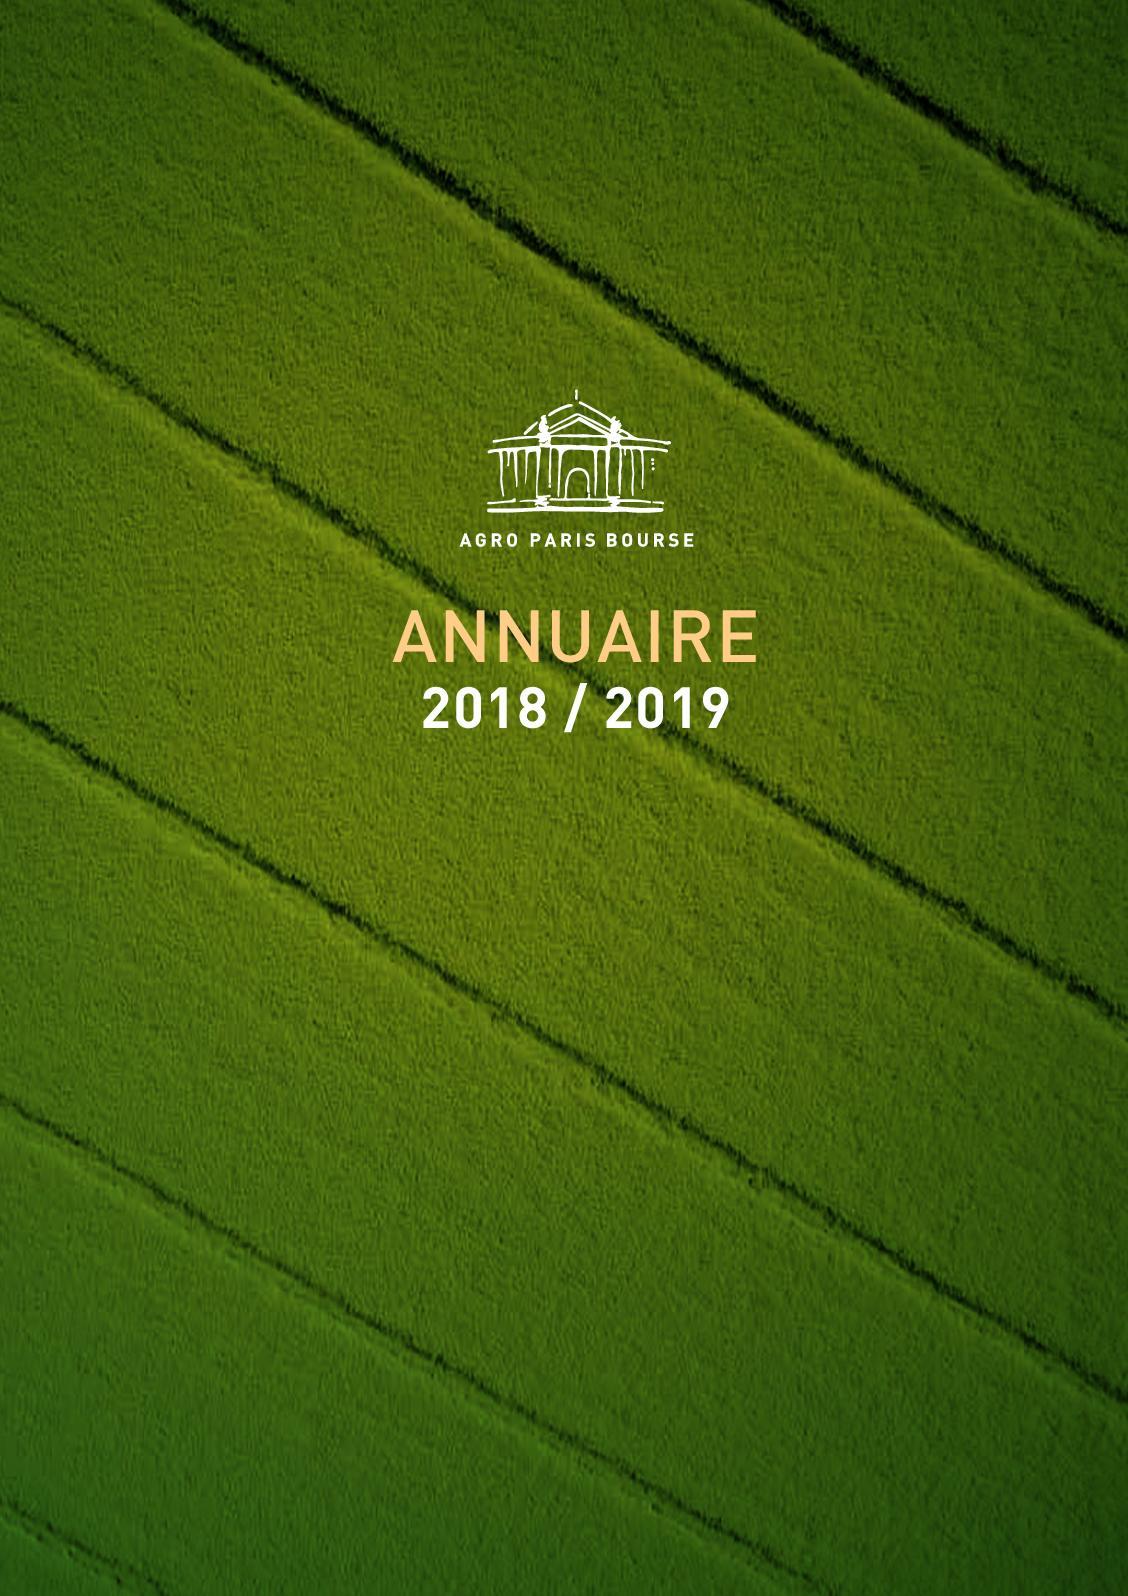 annuaire-web-france com renaix